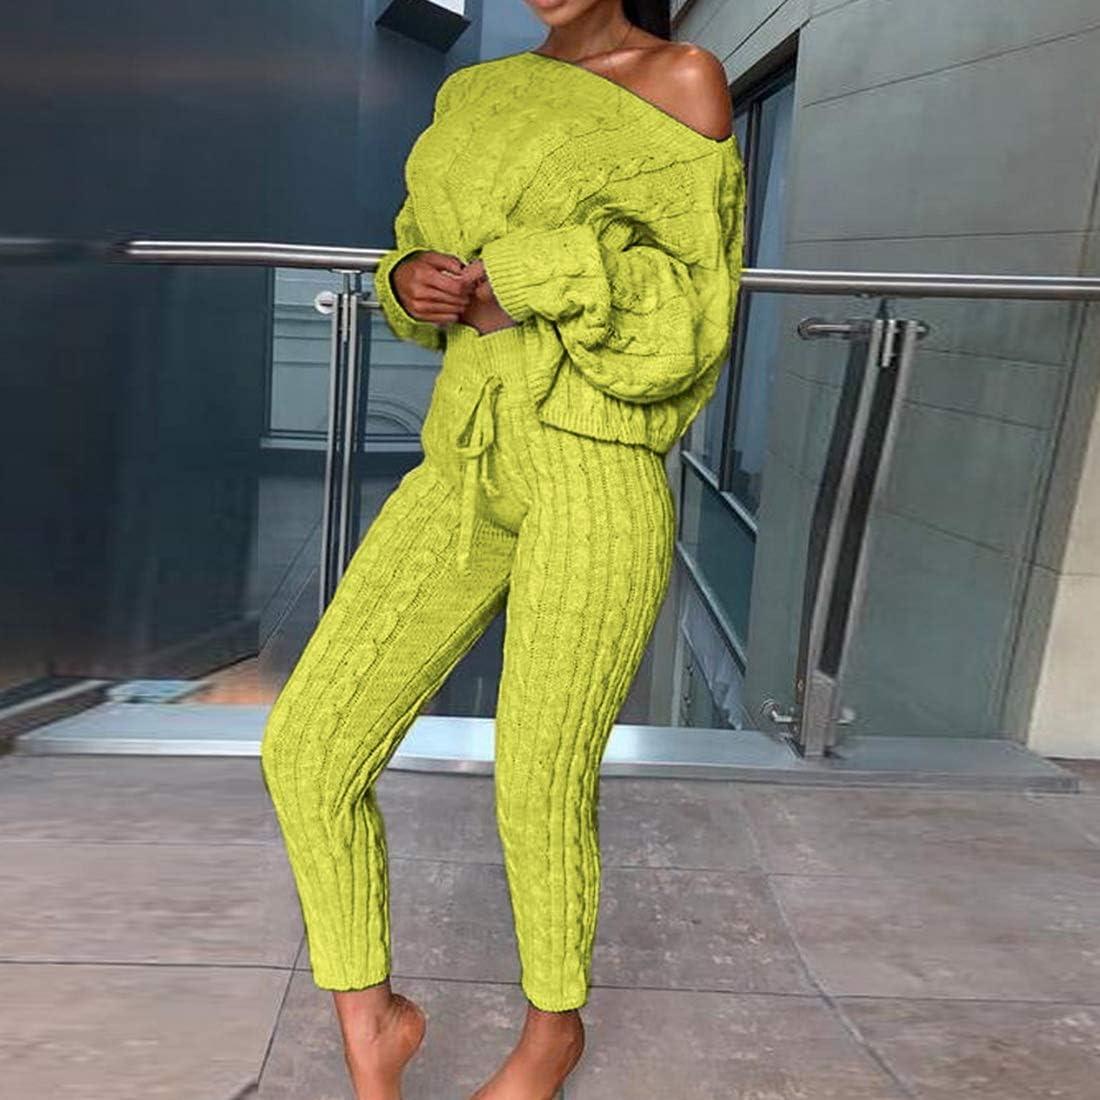 Shujin Damen 2 St/ück Strickanzug Bekleidung Set Outfits Langarm Schulterfrei Strickpullover und Paket H/üfte Hosen Beil/äufig Freizeitanzug Sportanzug Loungewear Pullover Suit